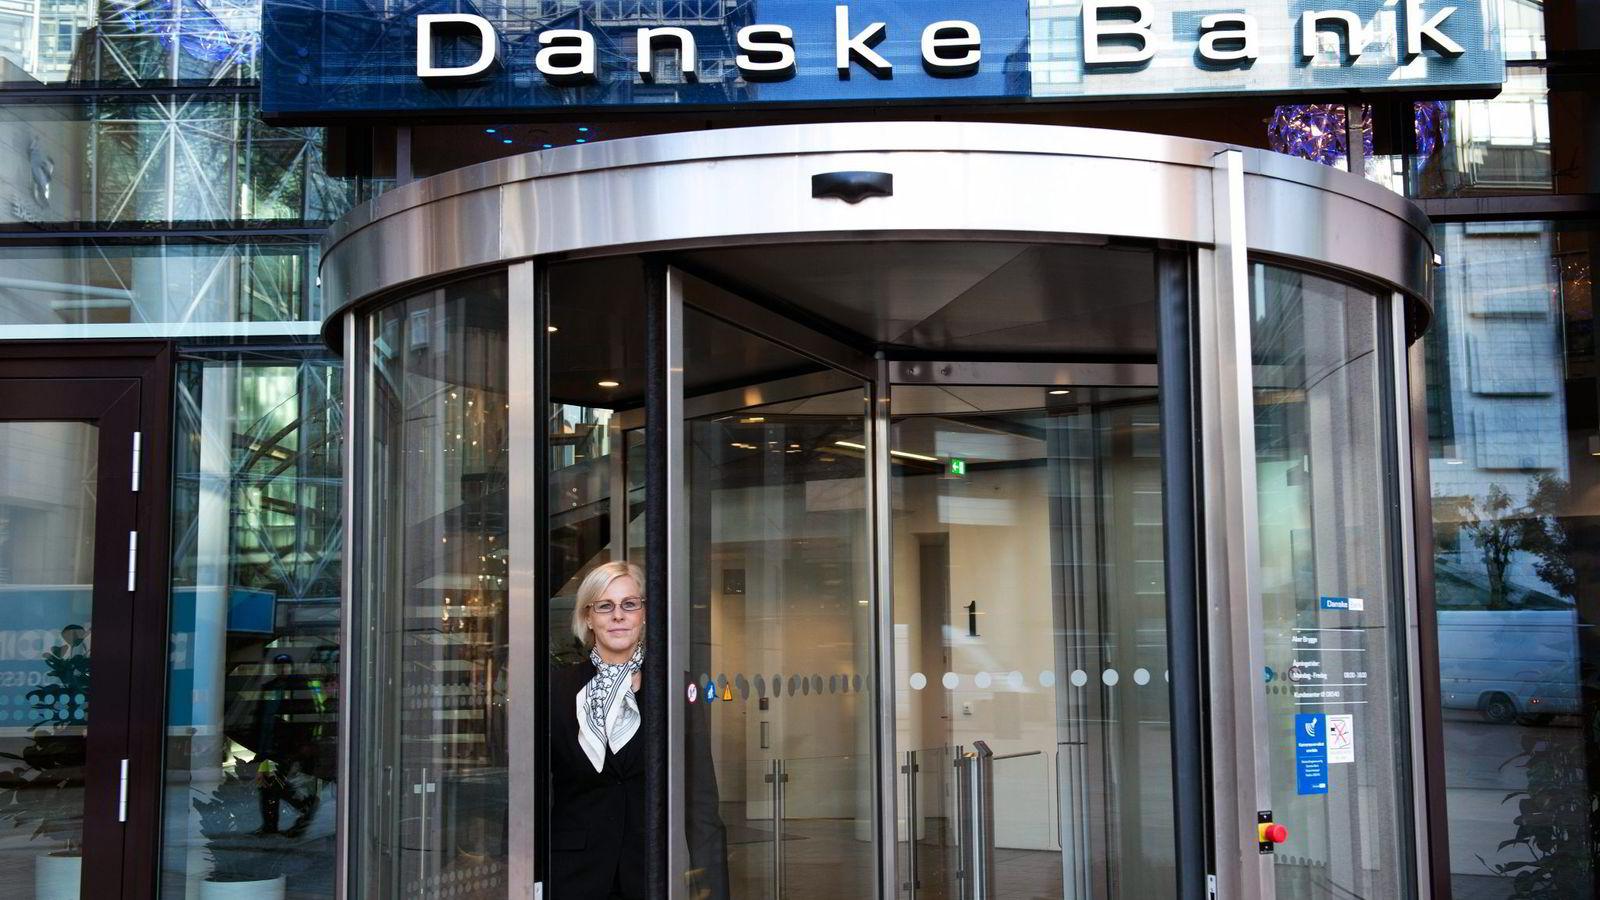 Danske Banks Norge-sjef Tone Lunde Bakker vil gi høyt utdannede en rentegaranti fra nyttår. – Det blir et bikkjeslagsmål, sier informasjonssjef Stian Arnesen.